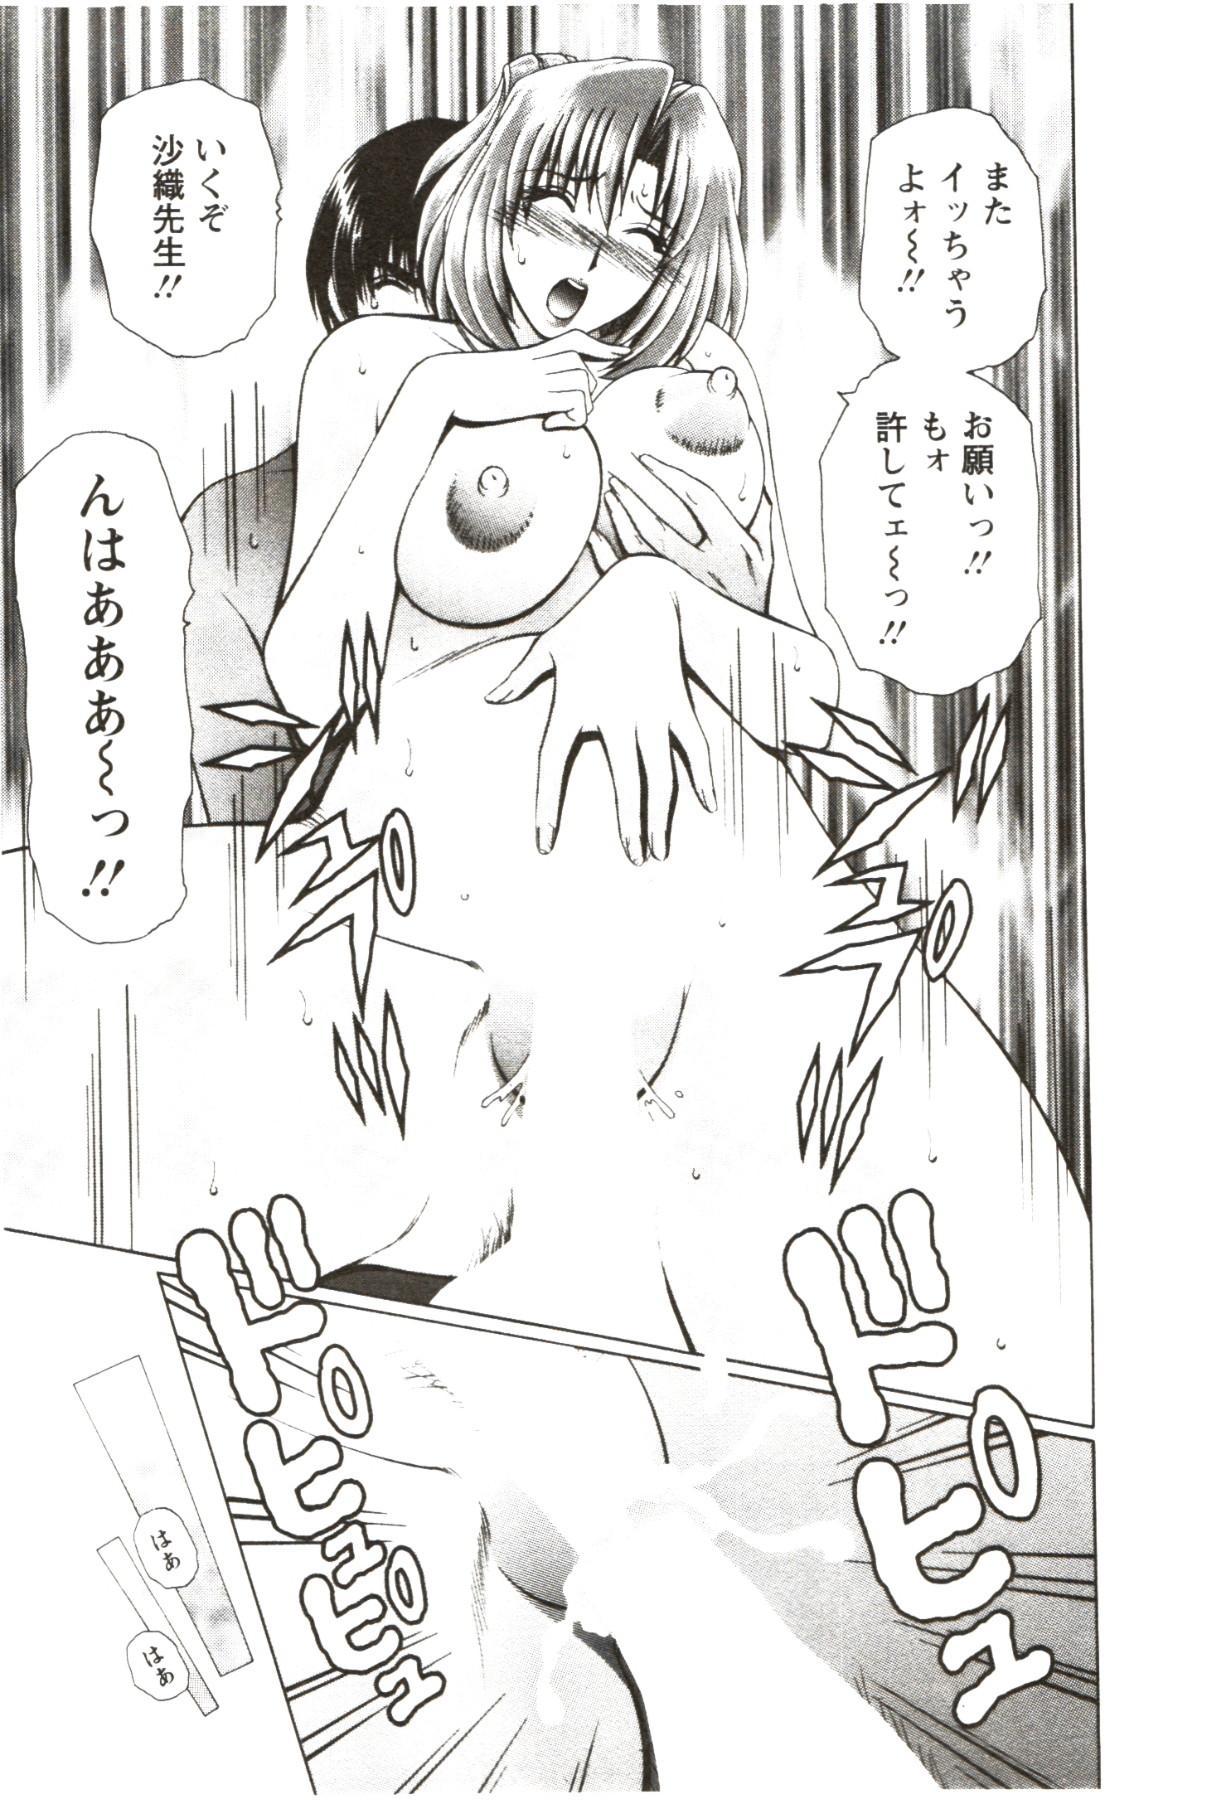 Futarigurashi 38